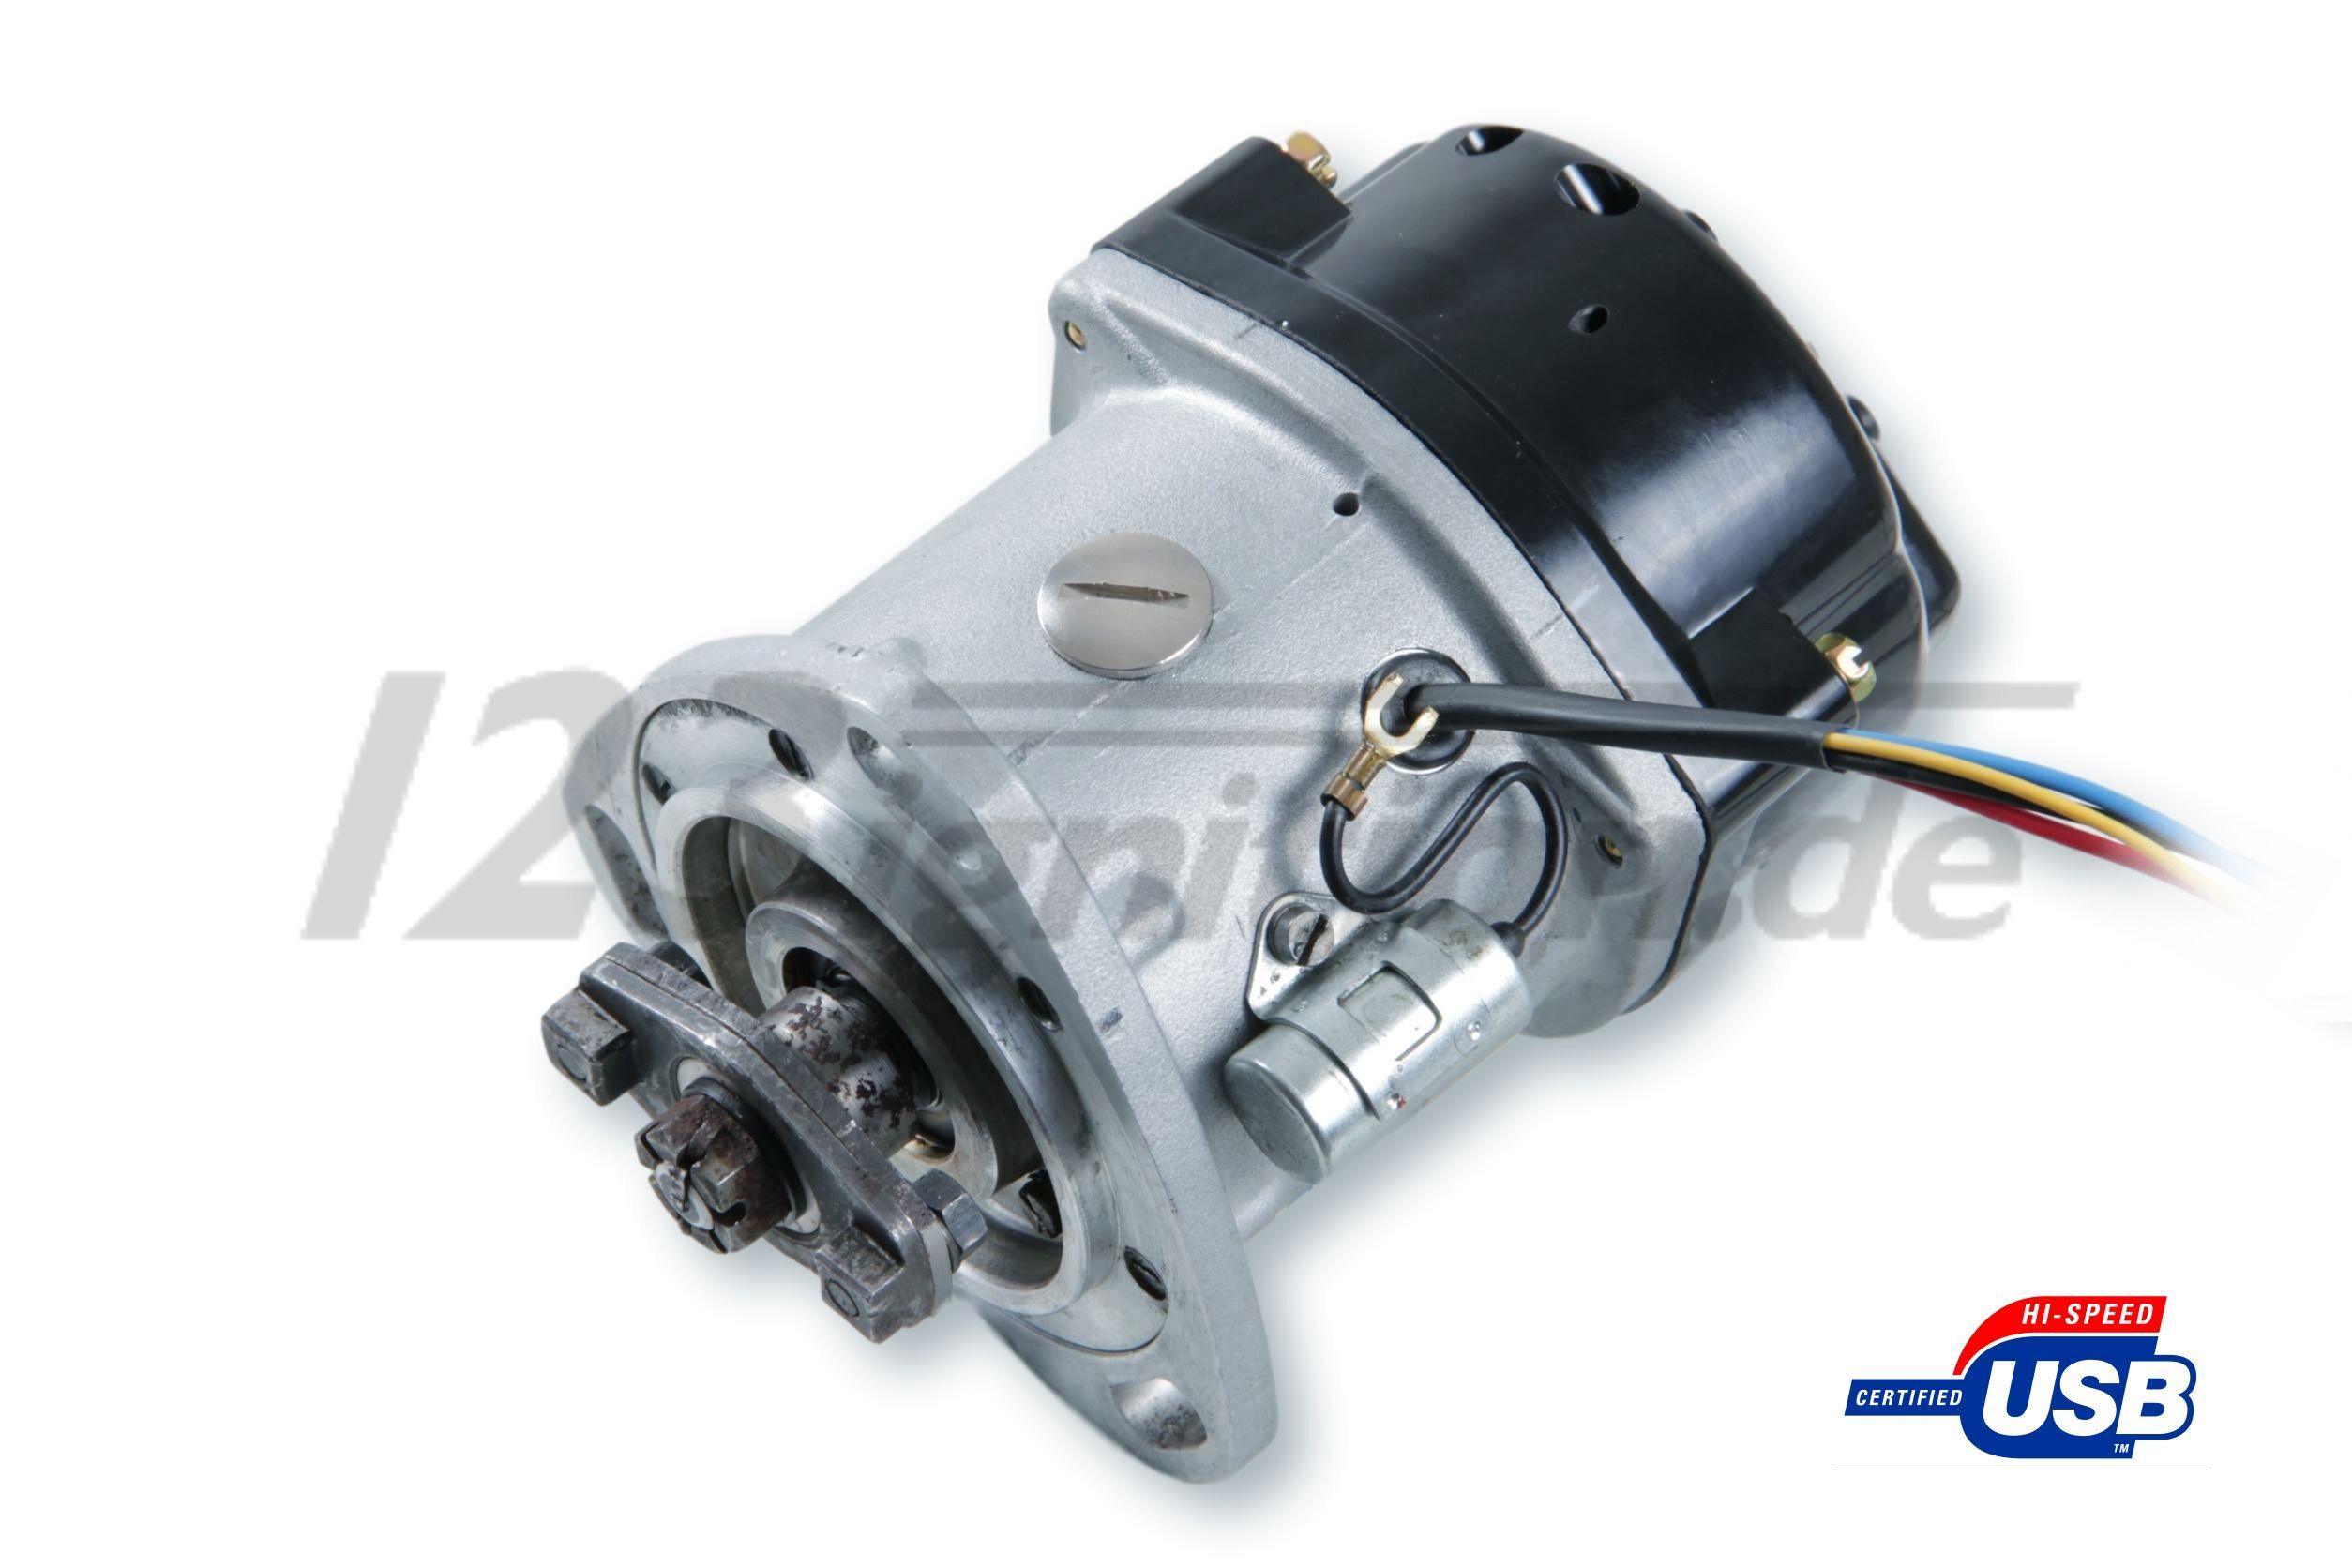 123\TUNE USB distributor for Ferrari 365 GT 2+2